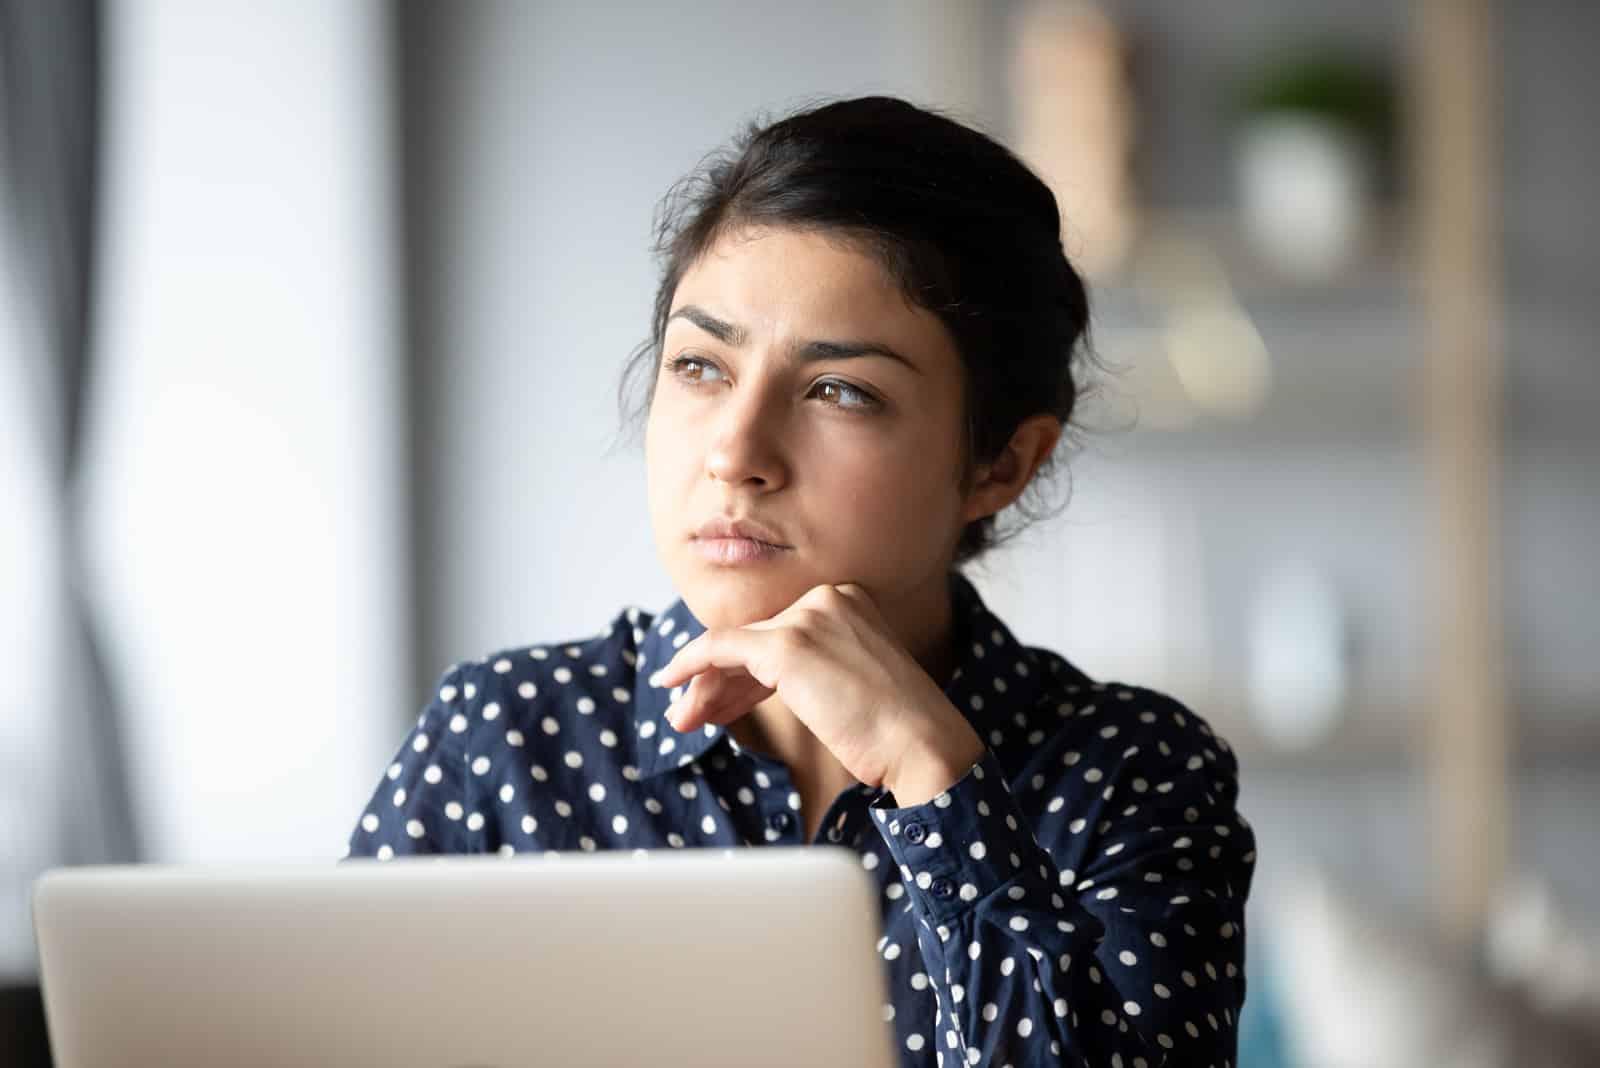 Frau von Computerarbeit abgelenkt Blick in Fenster Distanz denken